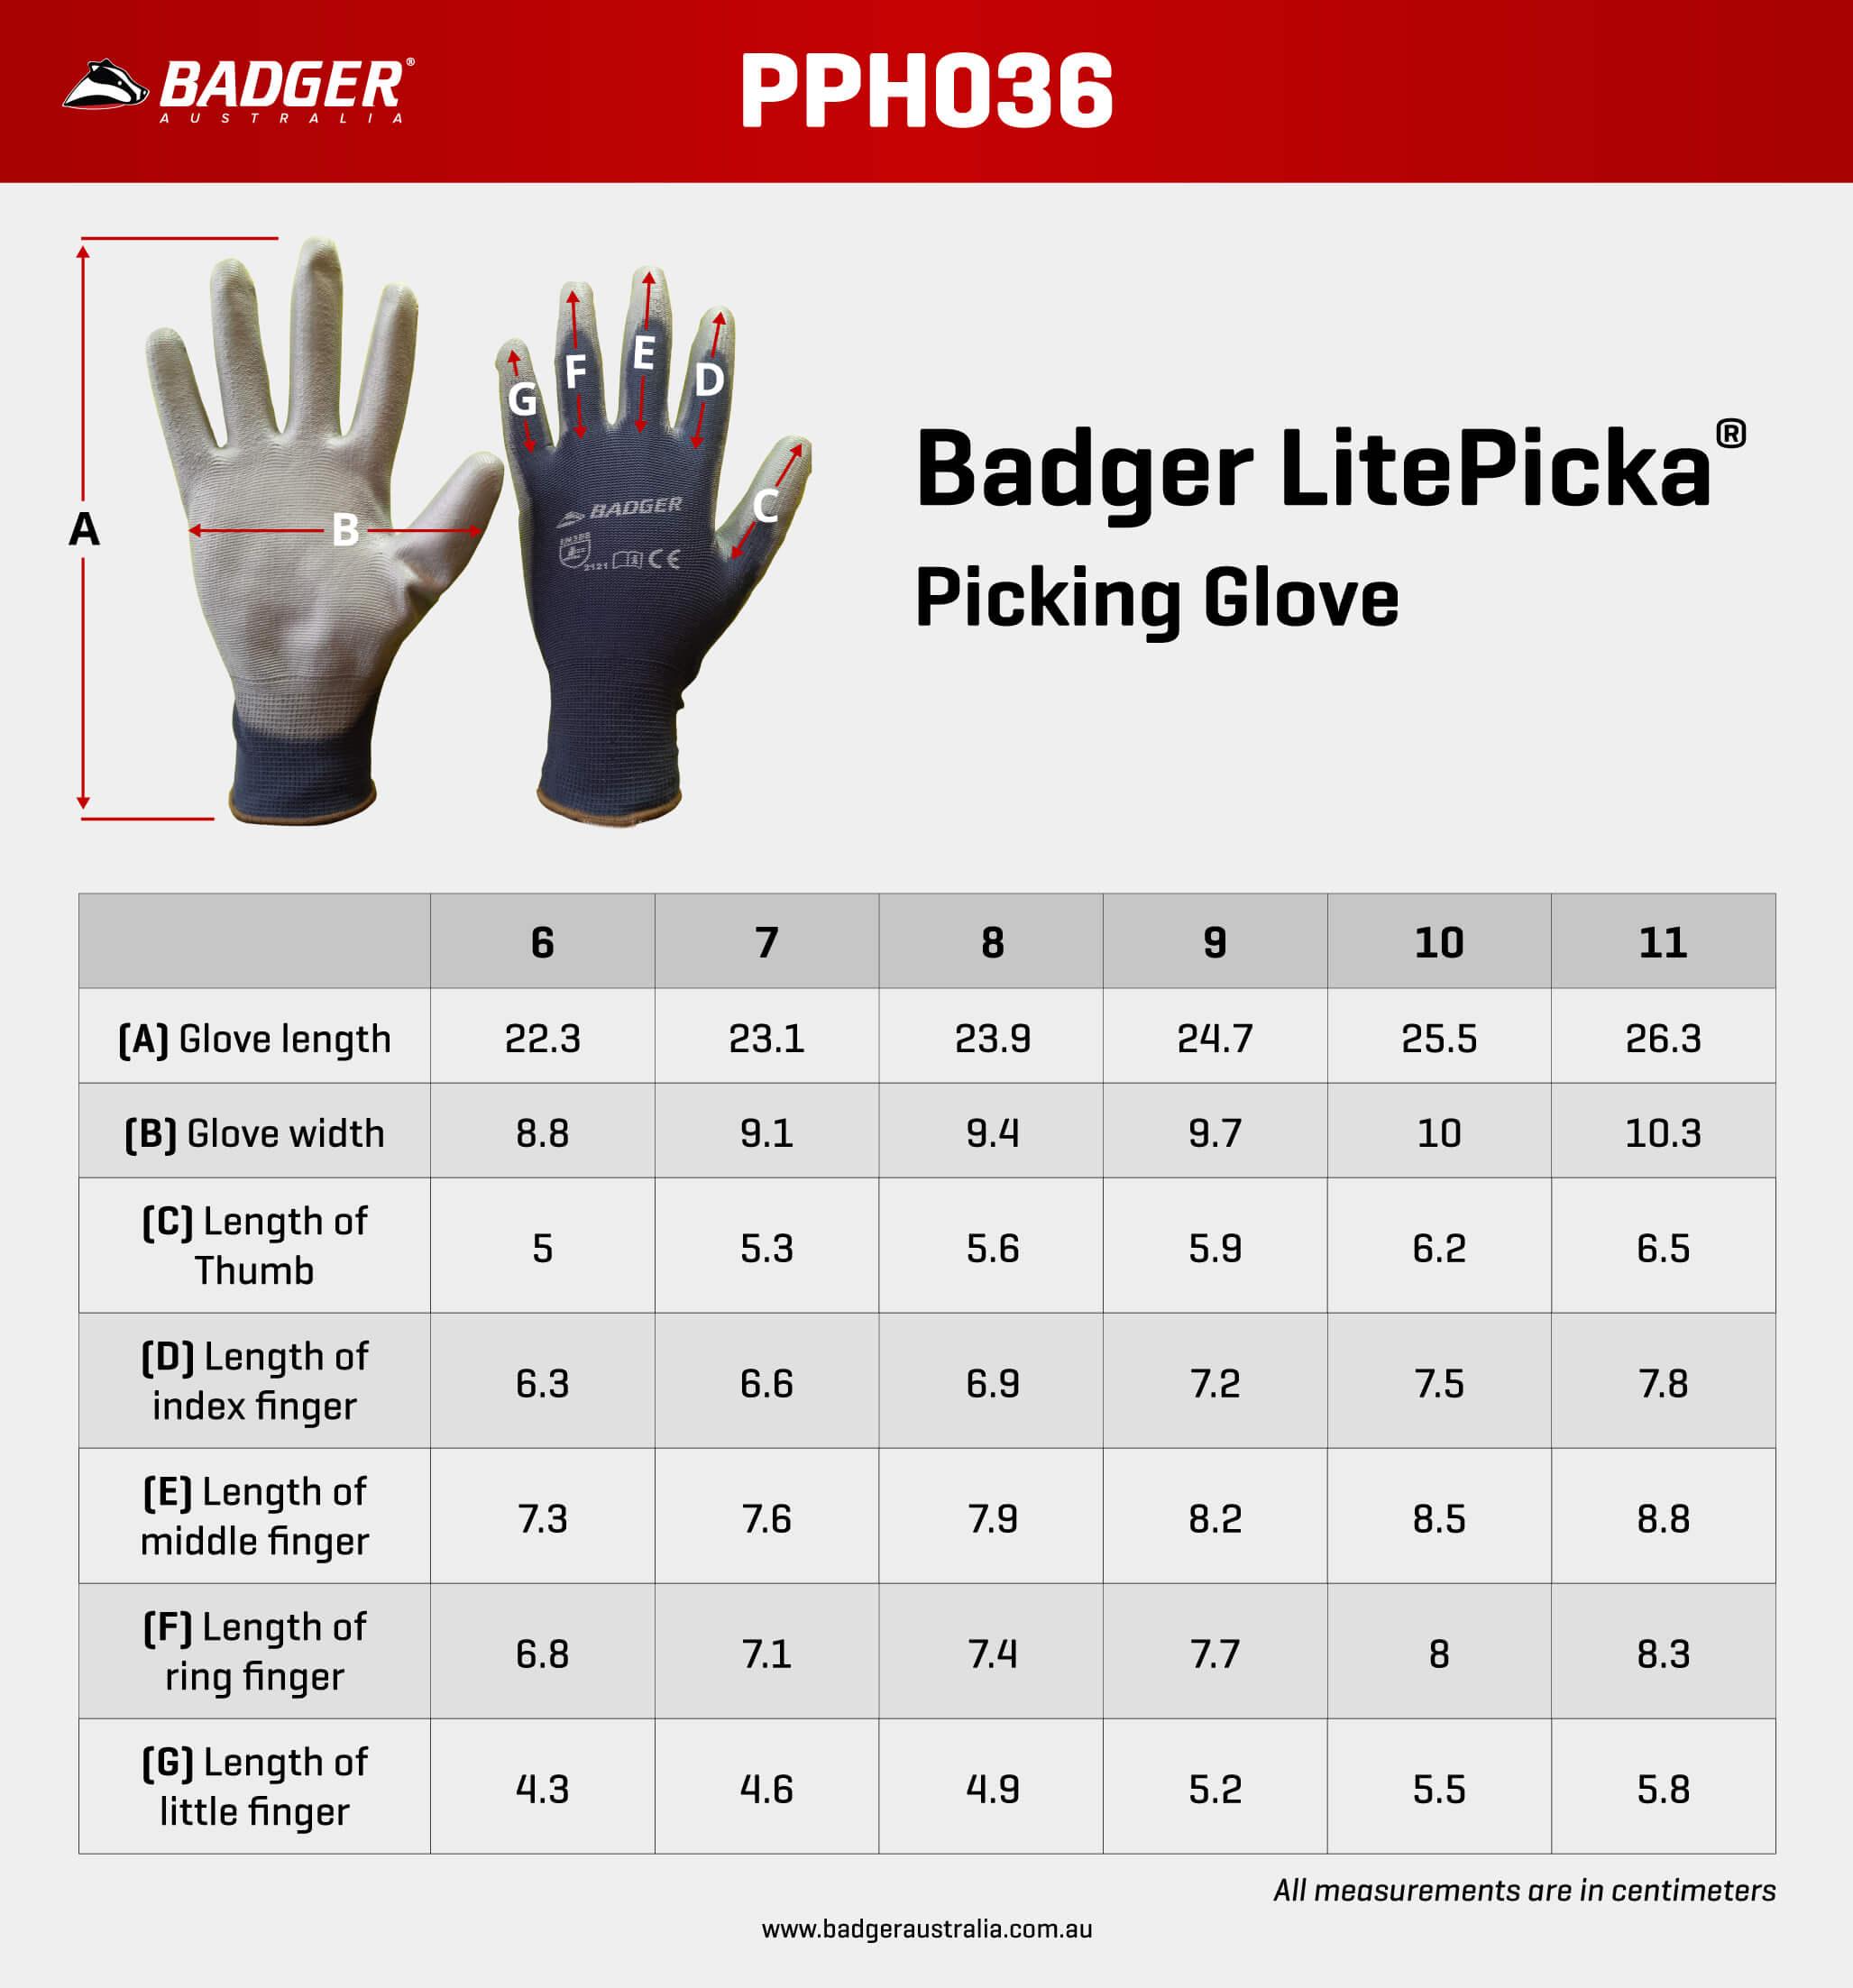 PPH036-sizing-chart